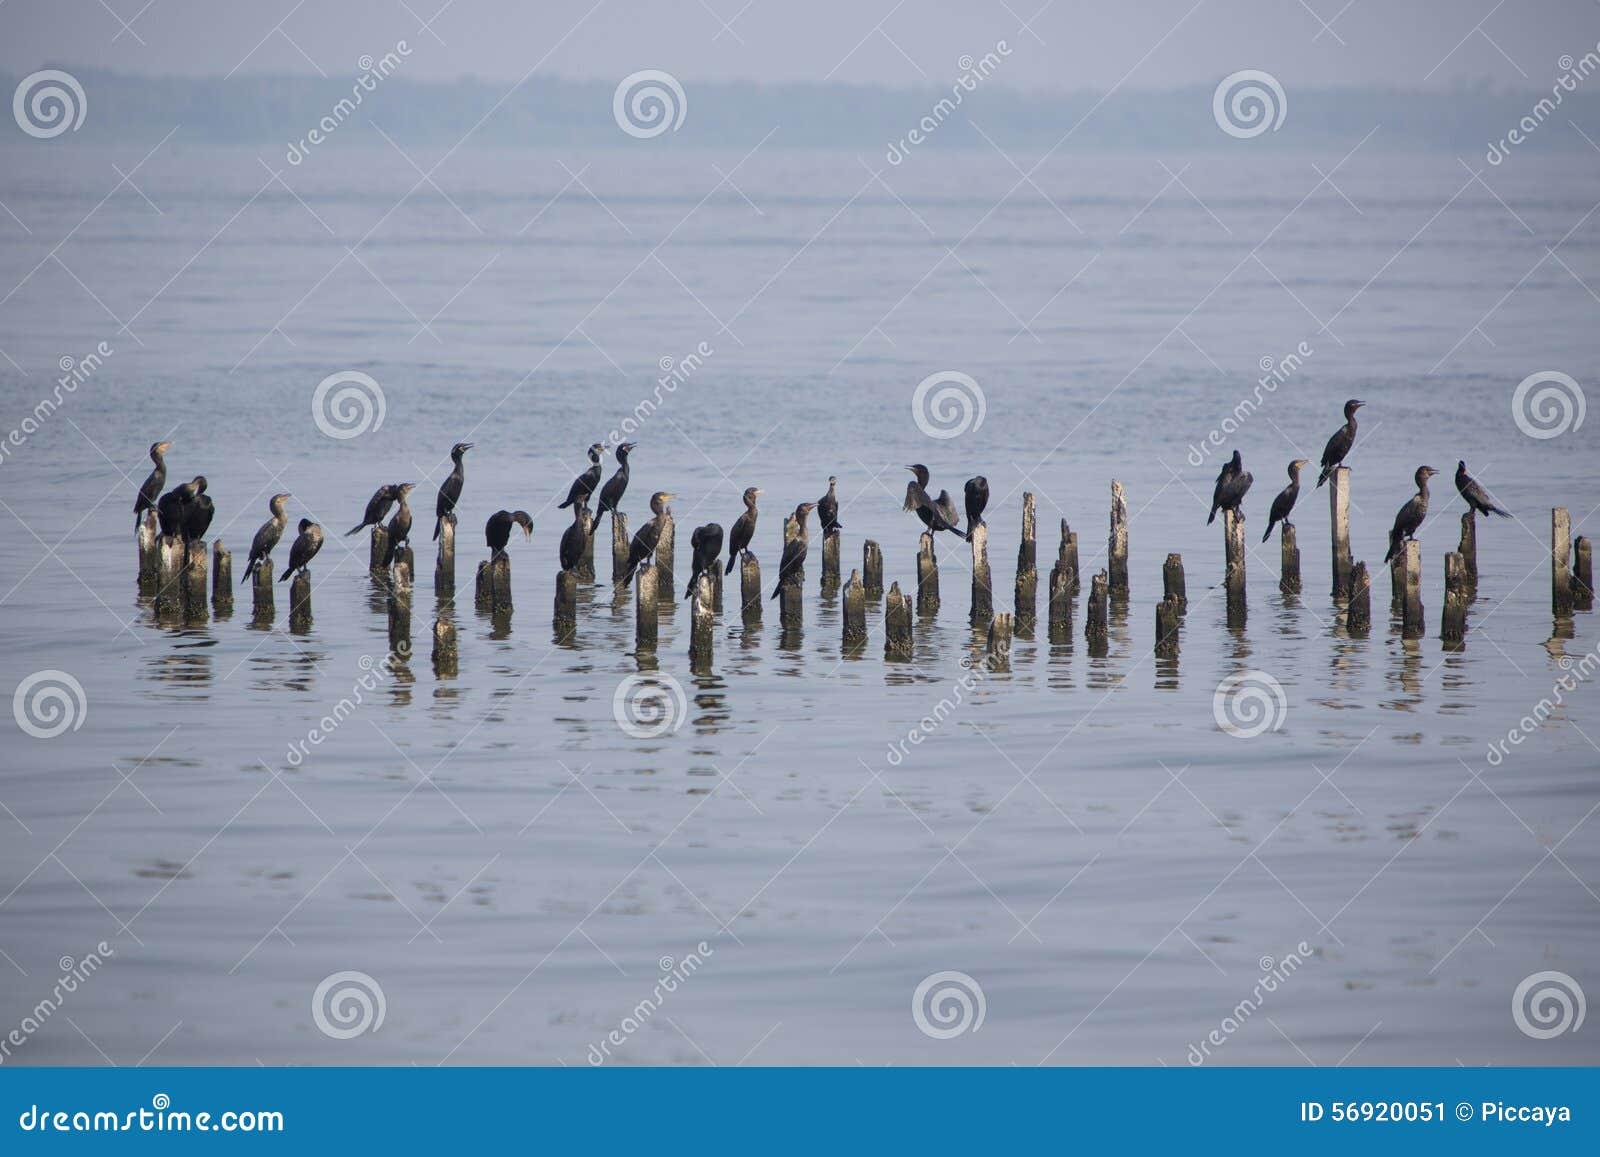 Πουλιά που σκαρφαλώνουν στους συγκεκριμένους στυλοβάτες, λίμνη Μαρακαΐμπο, Βενεζουέλα